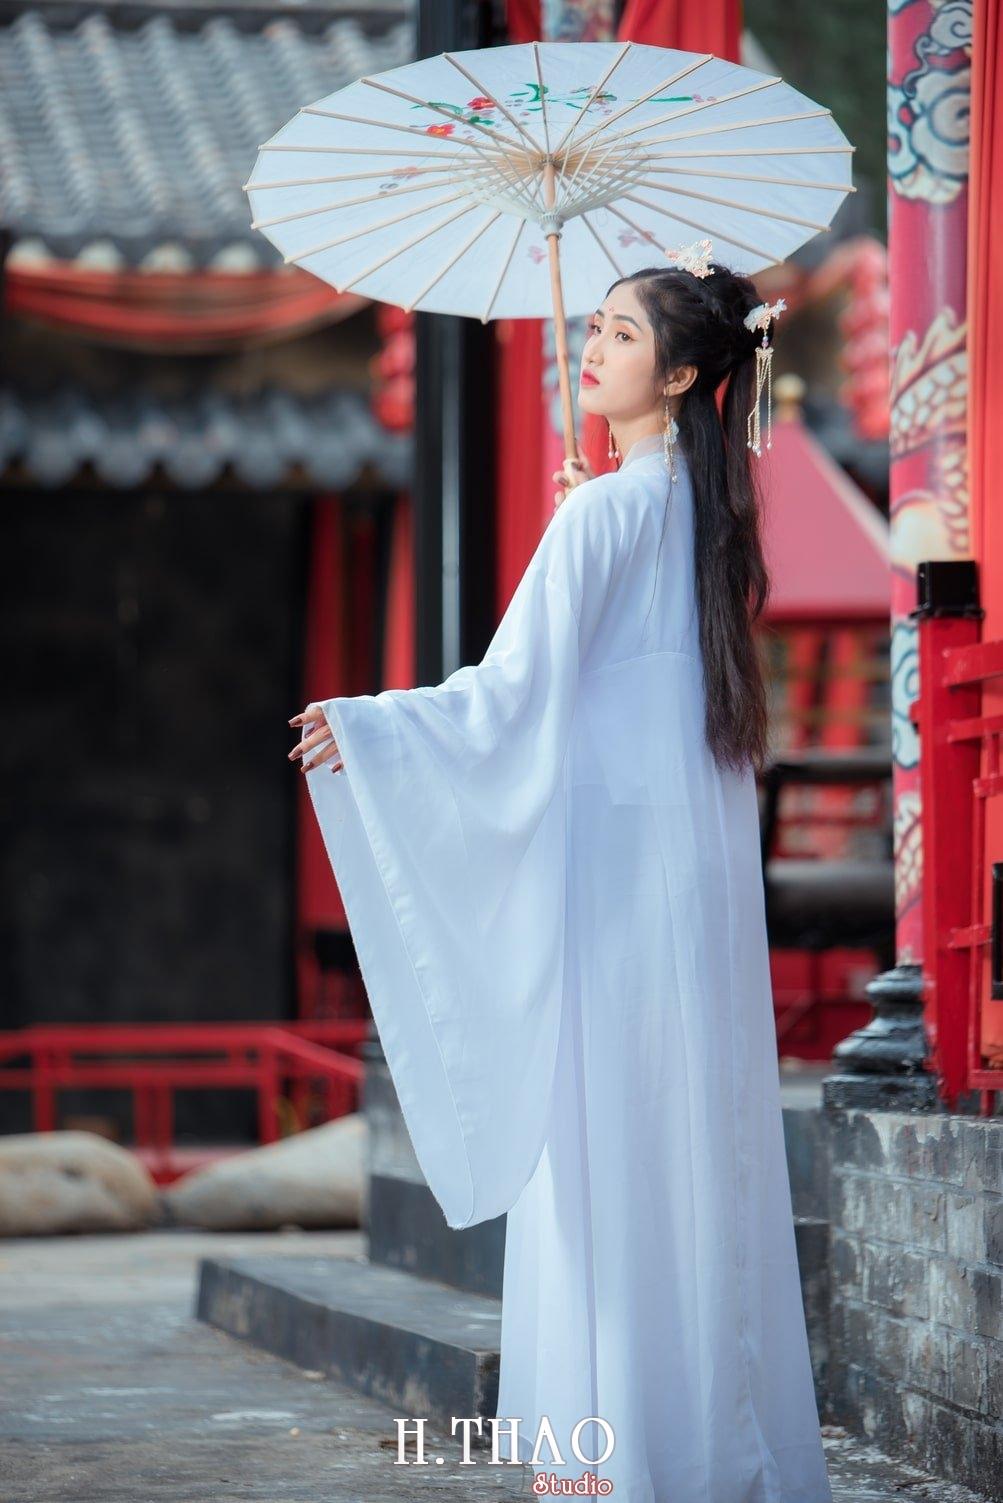 Anh tieu long nu 8 - Bộ ảnh cổ trang chụp theo concept tiểu long nữ nhẹ nhàng - HThao Studio